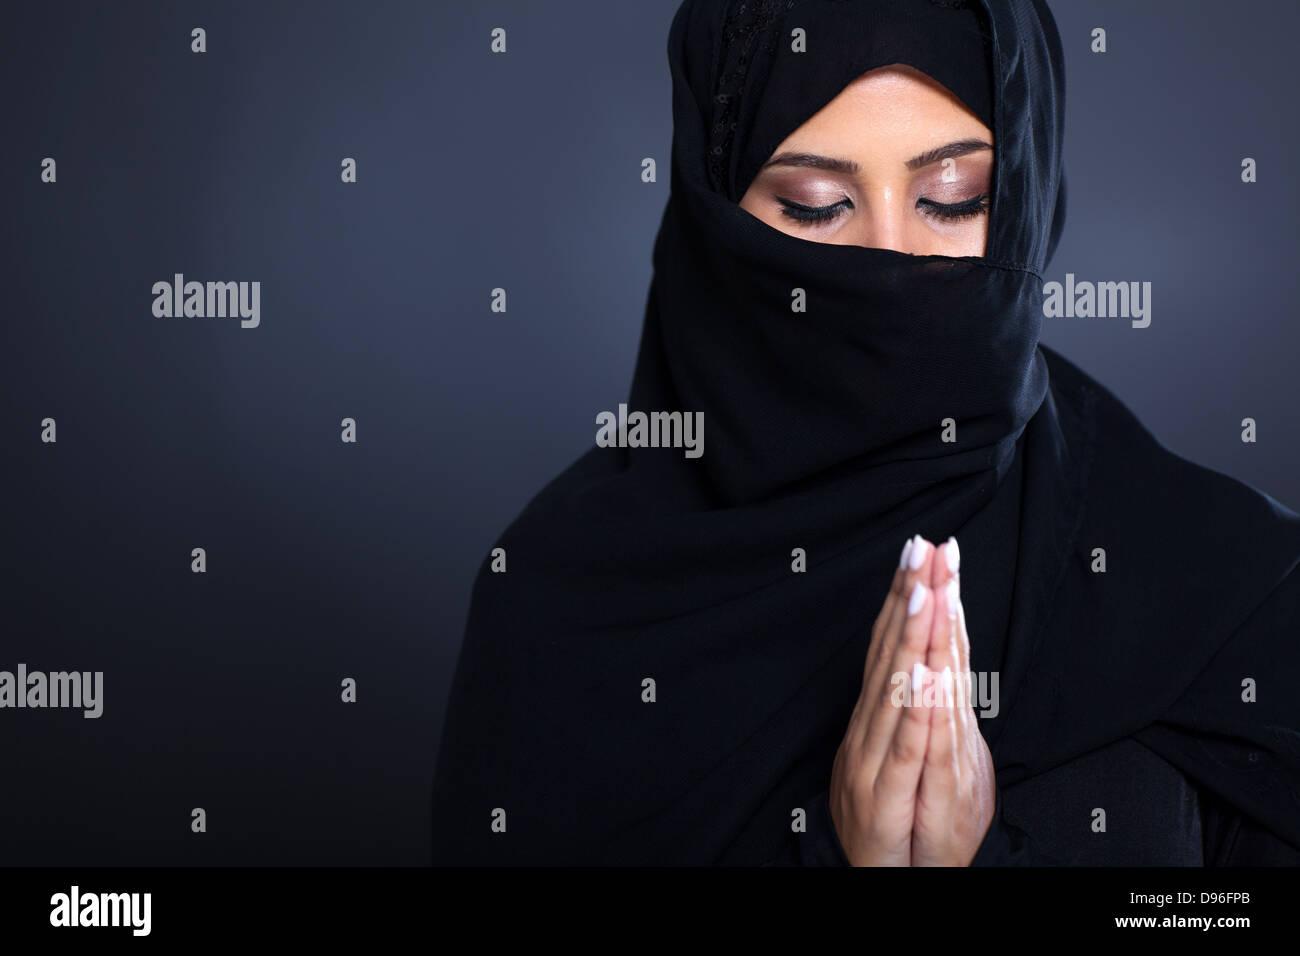 Misteriosa mujer del Oriente Medio orando sobre fondo negro Imagen De Stock